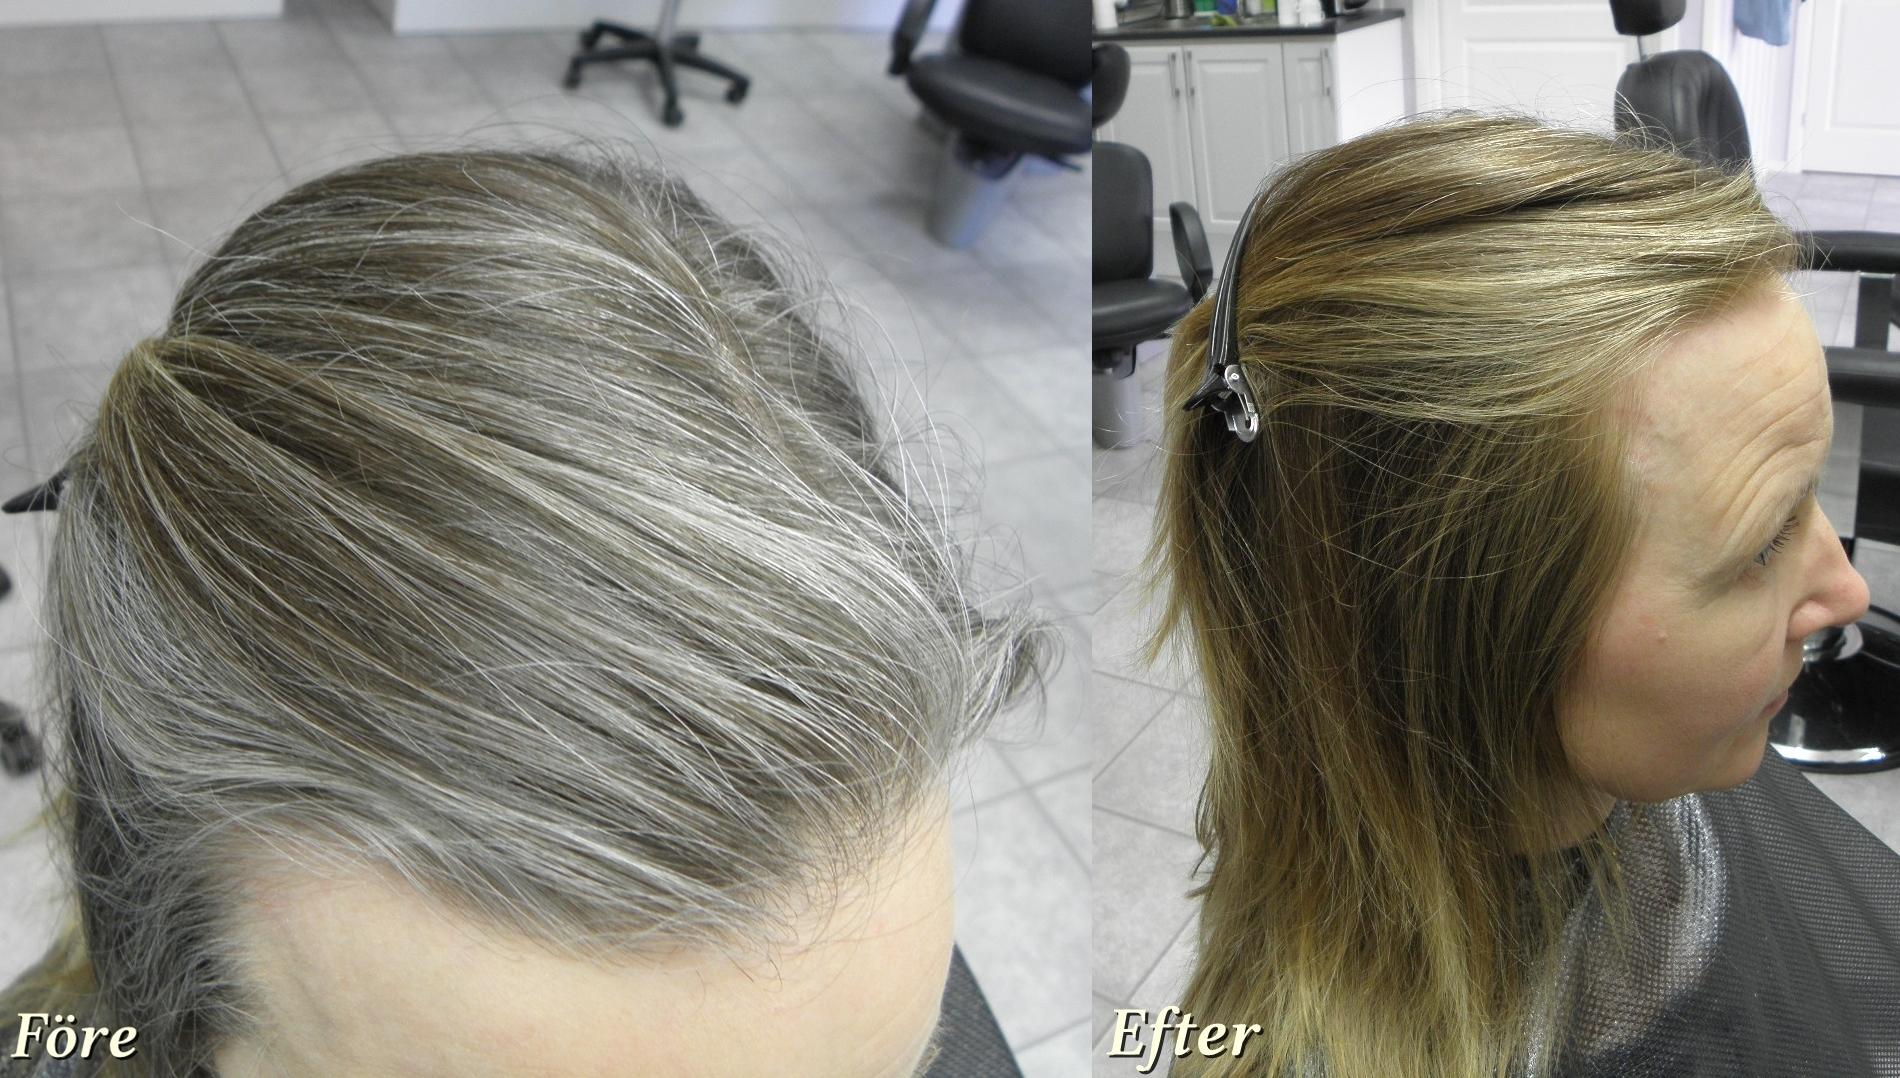 varför blir håret grått